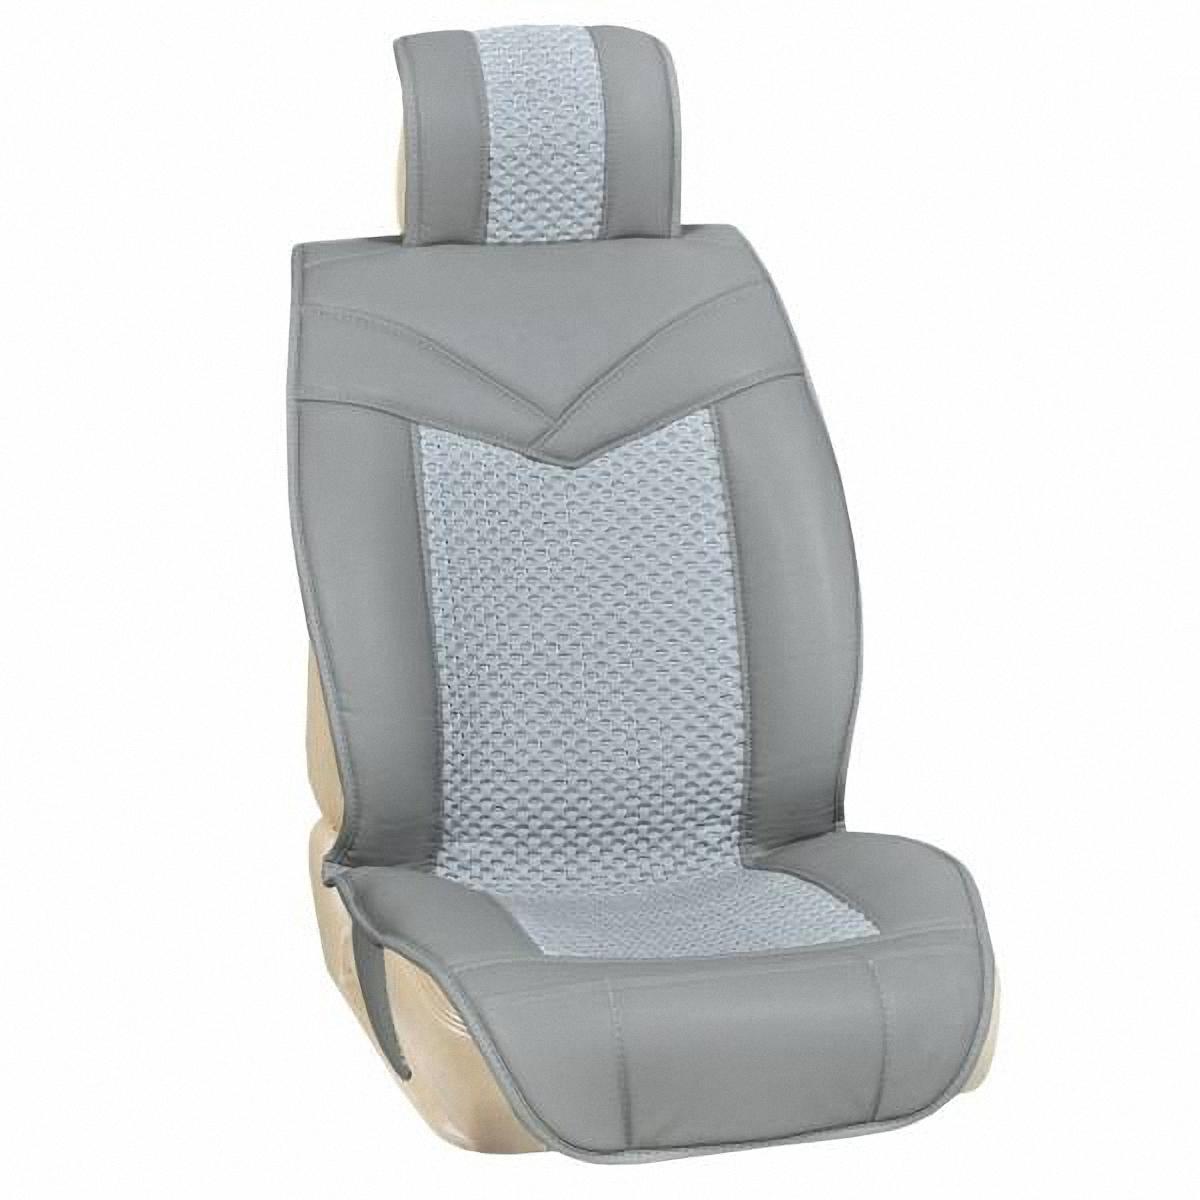 Накидки автомобильные Skyway, цвет: серый. S01301110 купить пляжные накидки